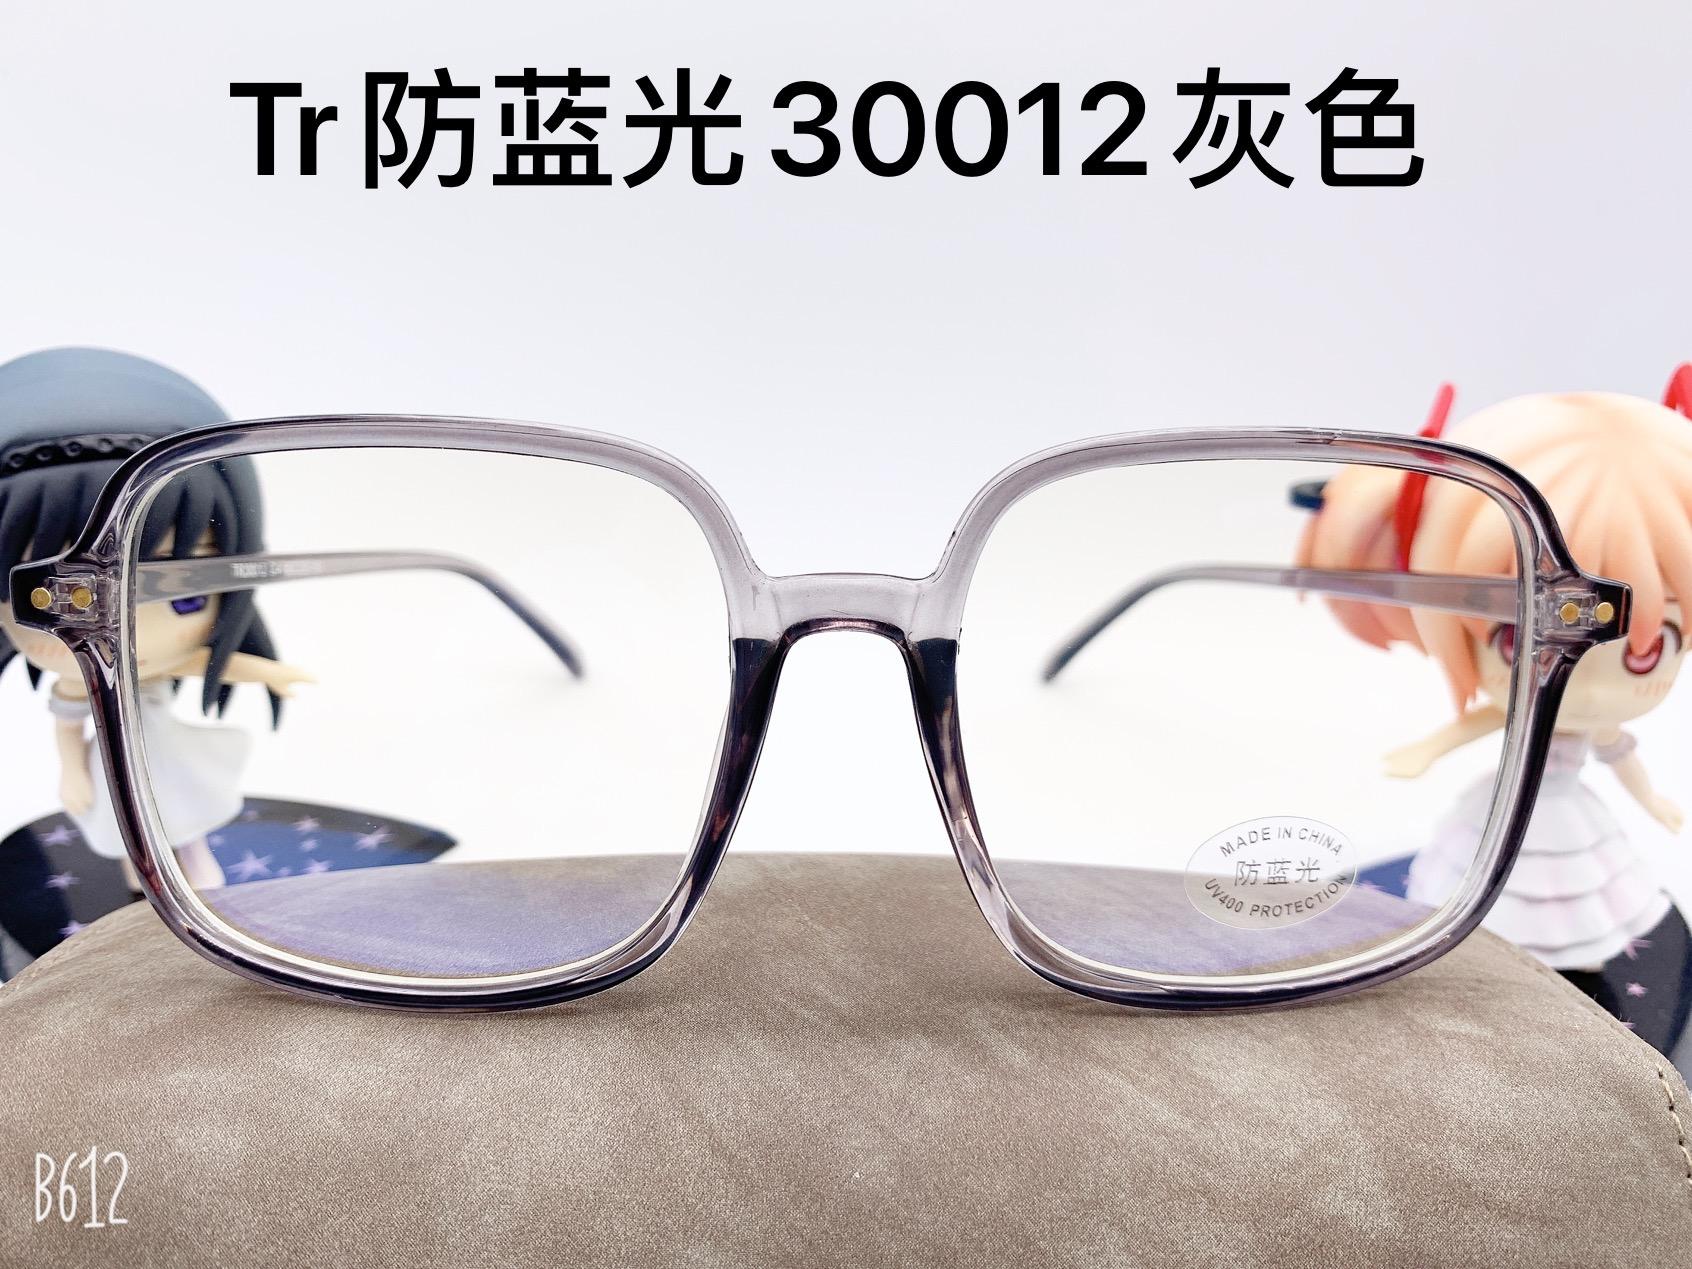 网红TR全框眼镜内有2款近视镜防蓝光非球面超薄30012-30023男女